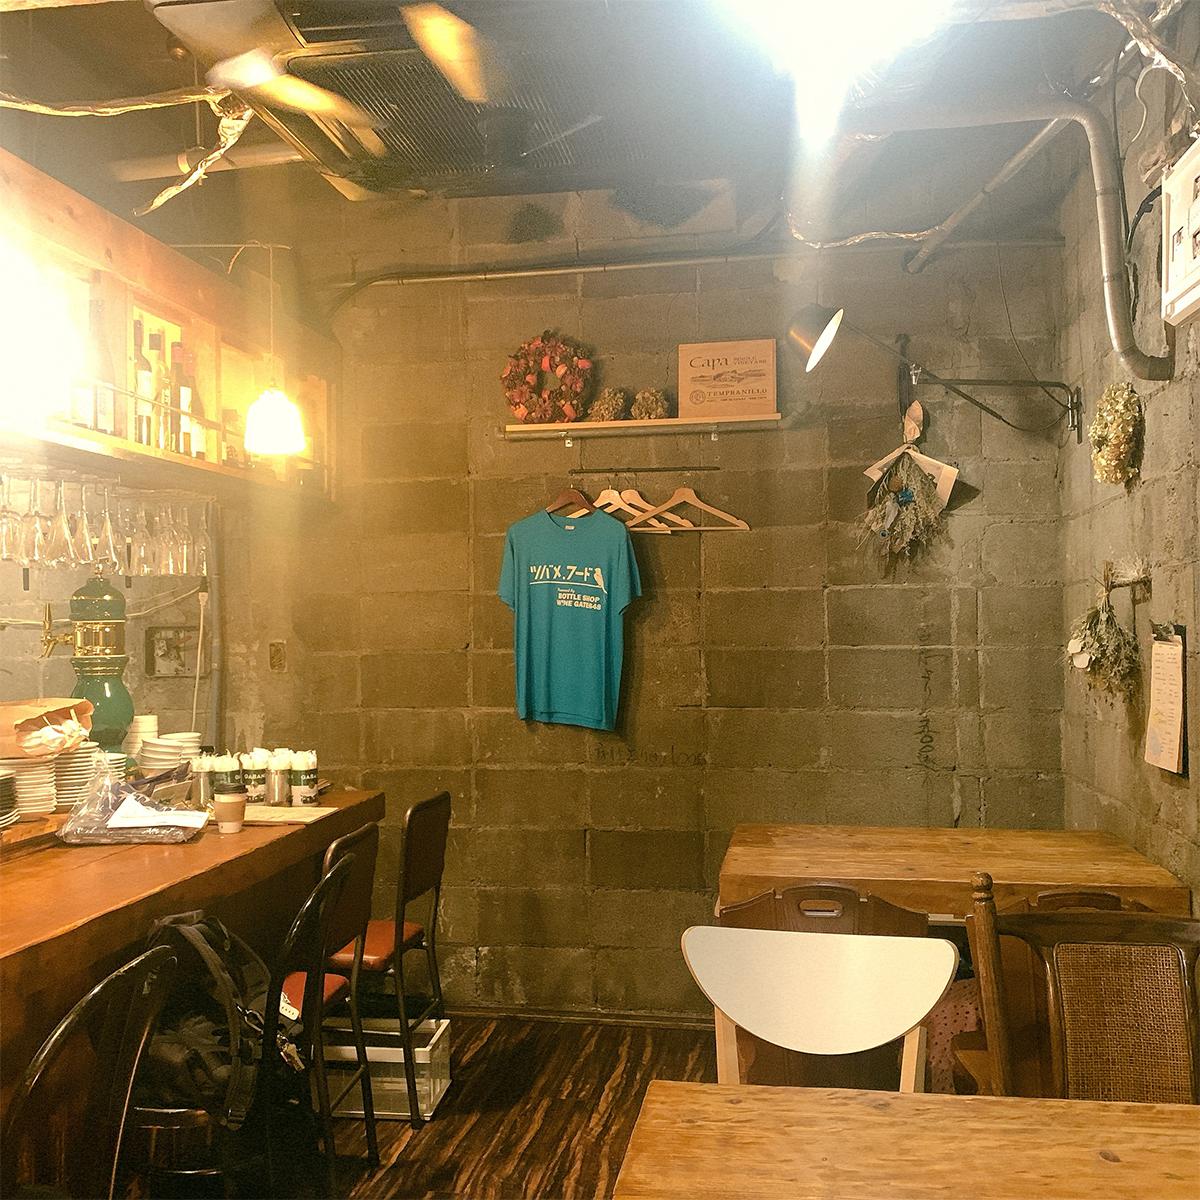 「ツバメ.フード」の店内の様子。壁には青色のツバメフードオリジナルのTシャツが掛けられている